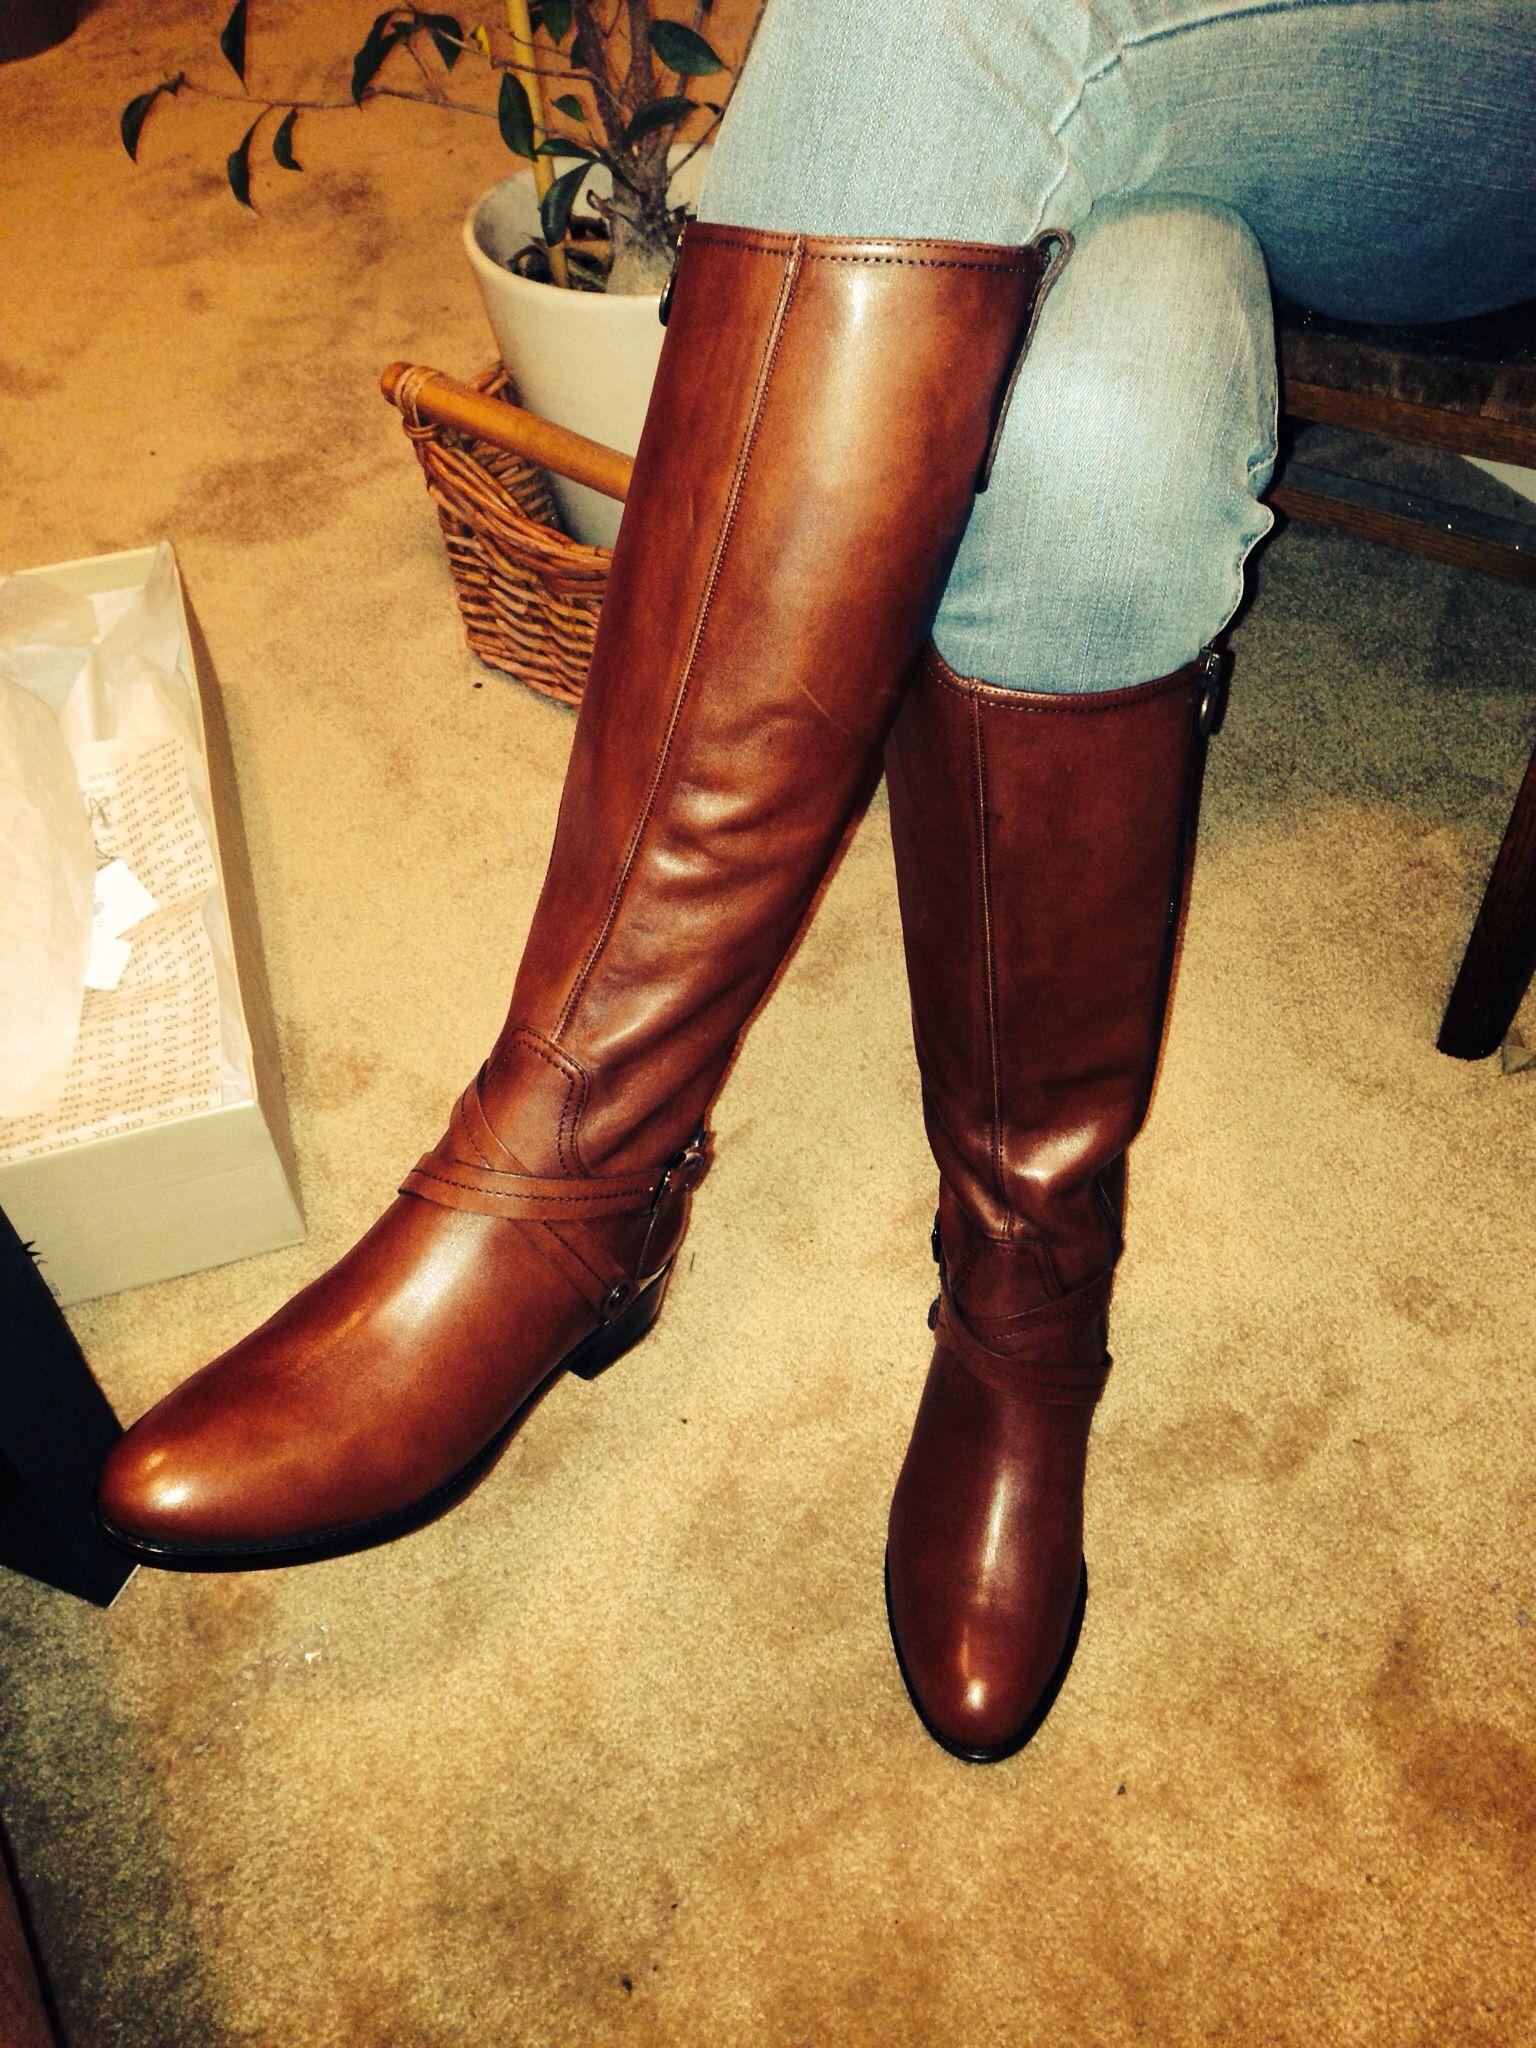 Ensangrentado raqueta Seguro  Geox- felicity boot   Boots, Cute boots, Riding boots